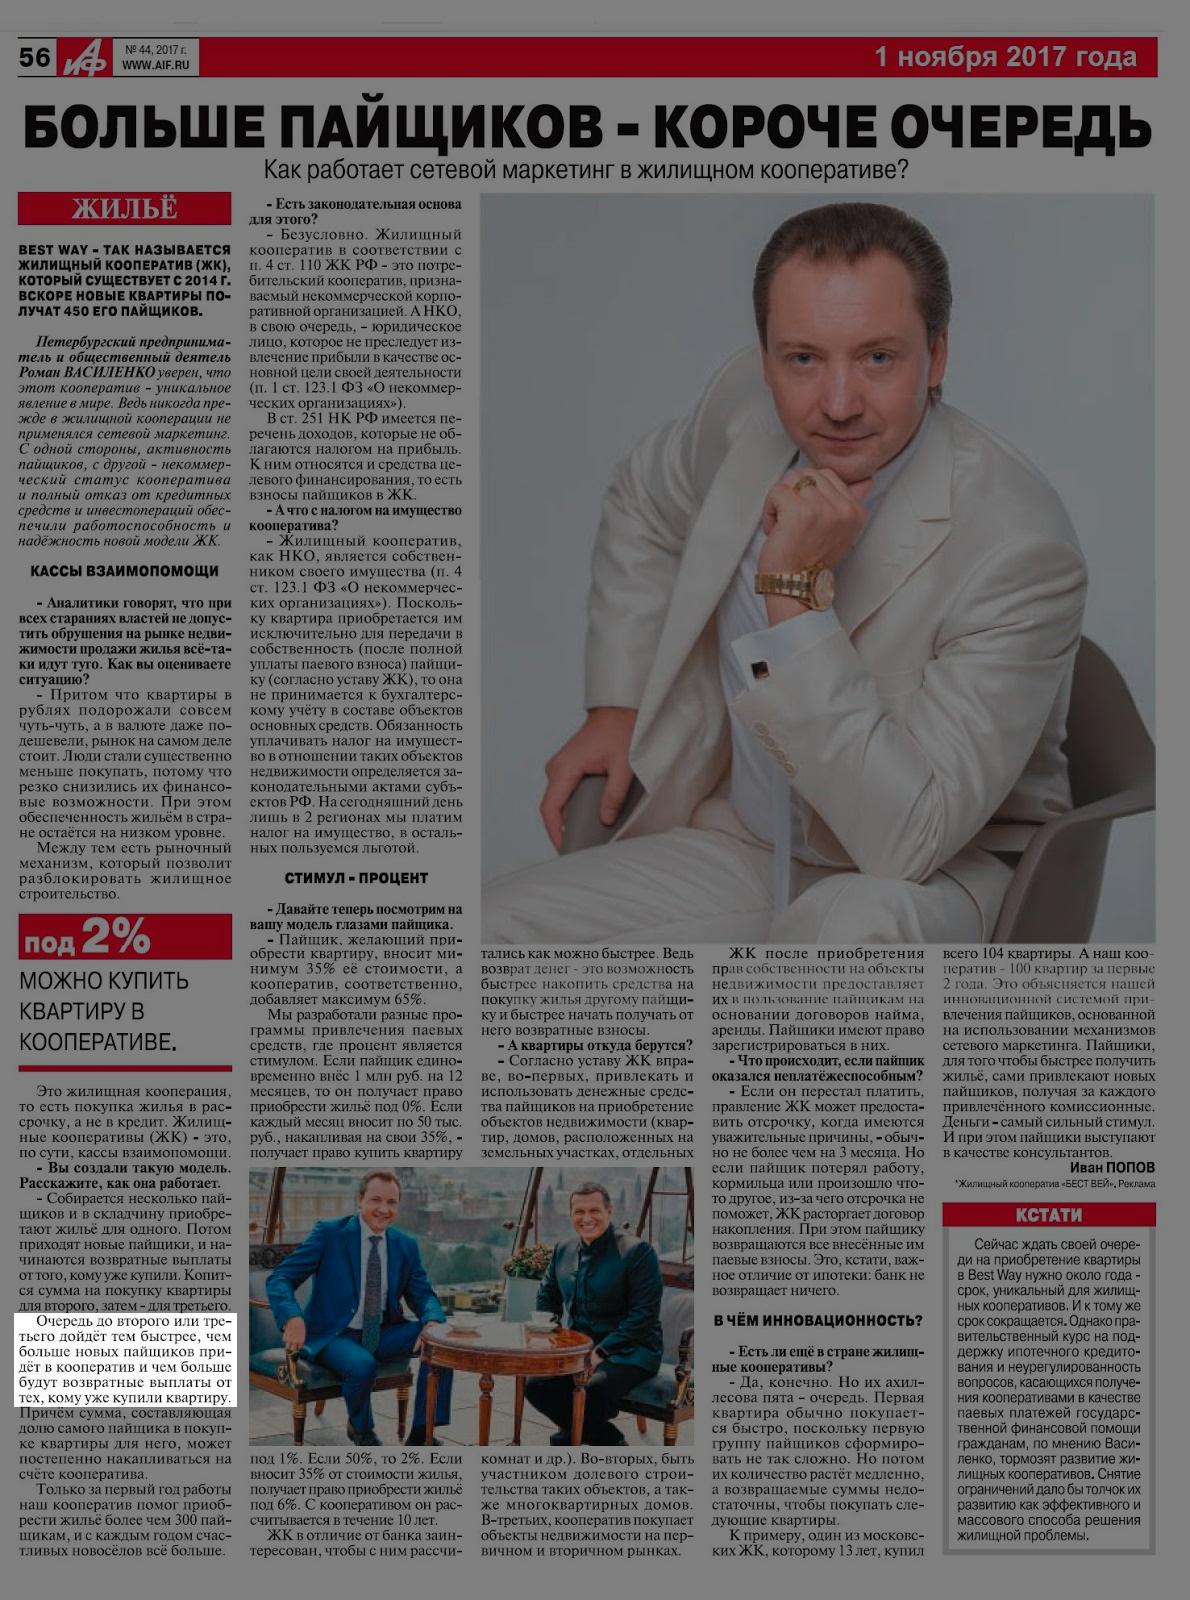 Роман Василенко: «Очередь до второго или третьего (пайщика) дойдет тем быстрее, чем больше новых пайщиков придет в кооператив и чем больше будут возвратные выплаты от тех, кому уже купили квартиру»